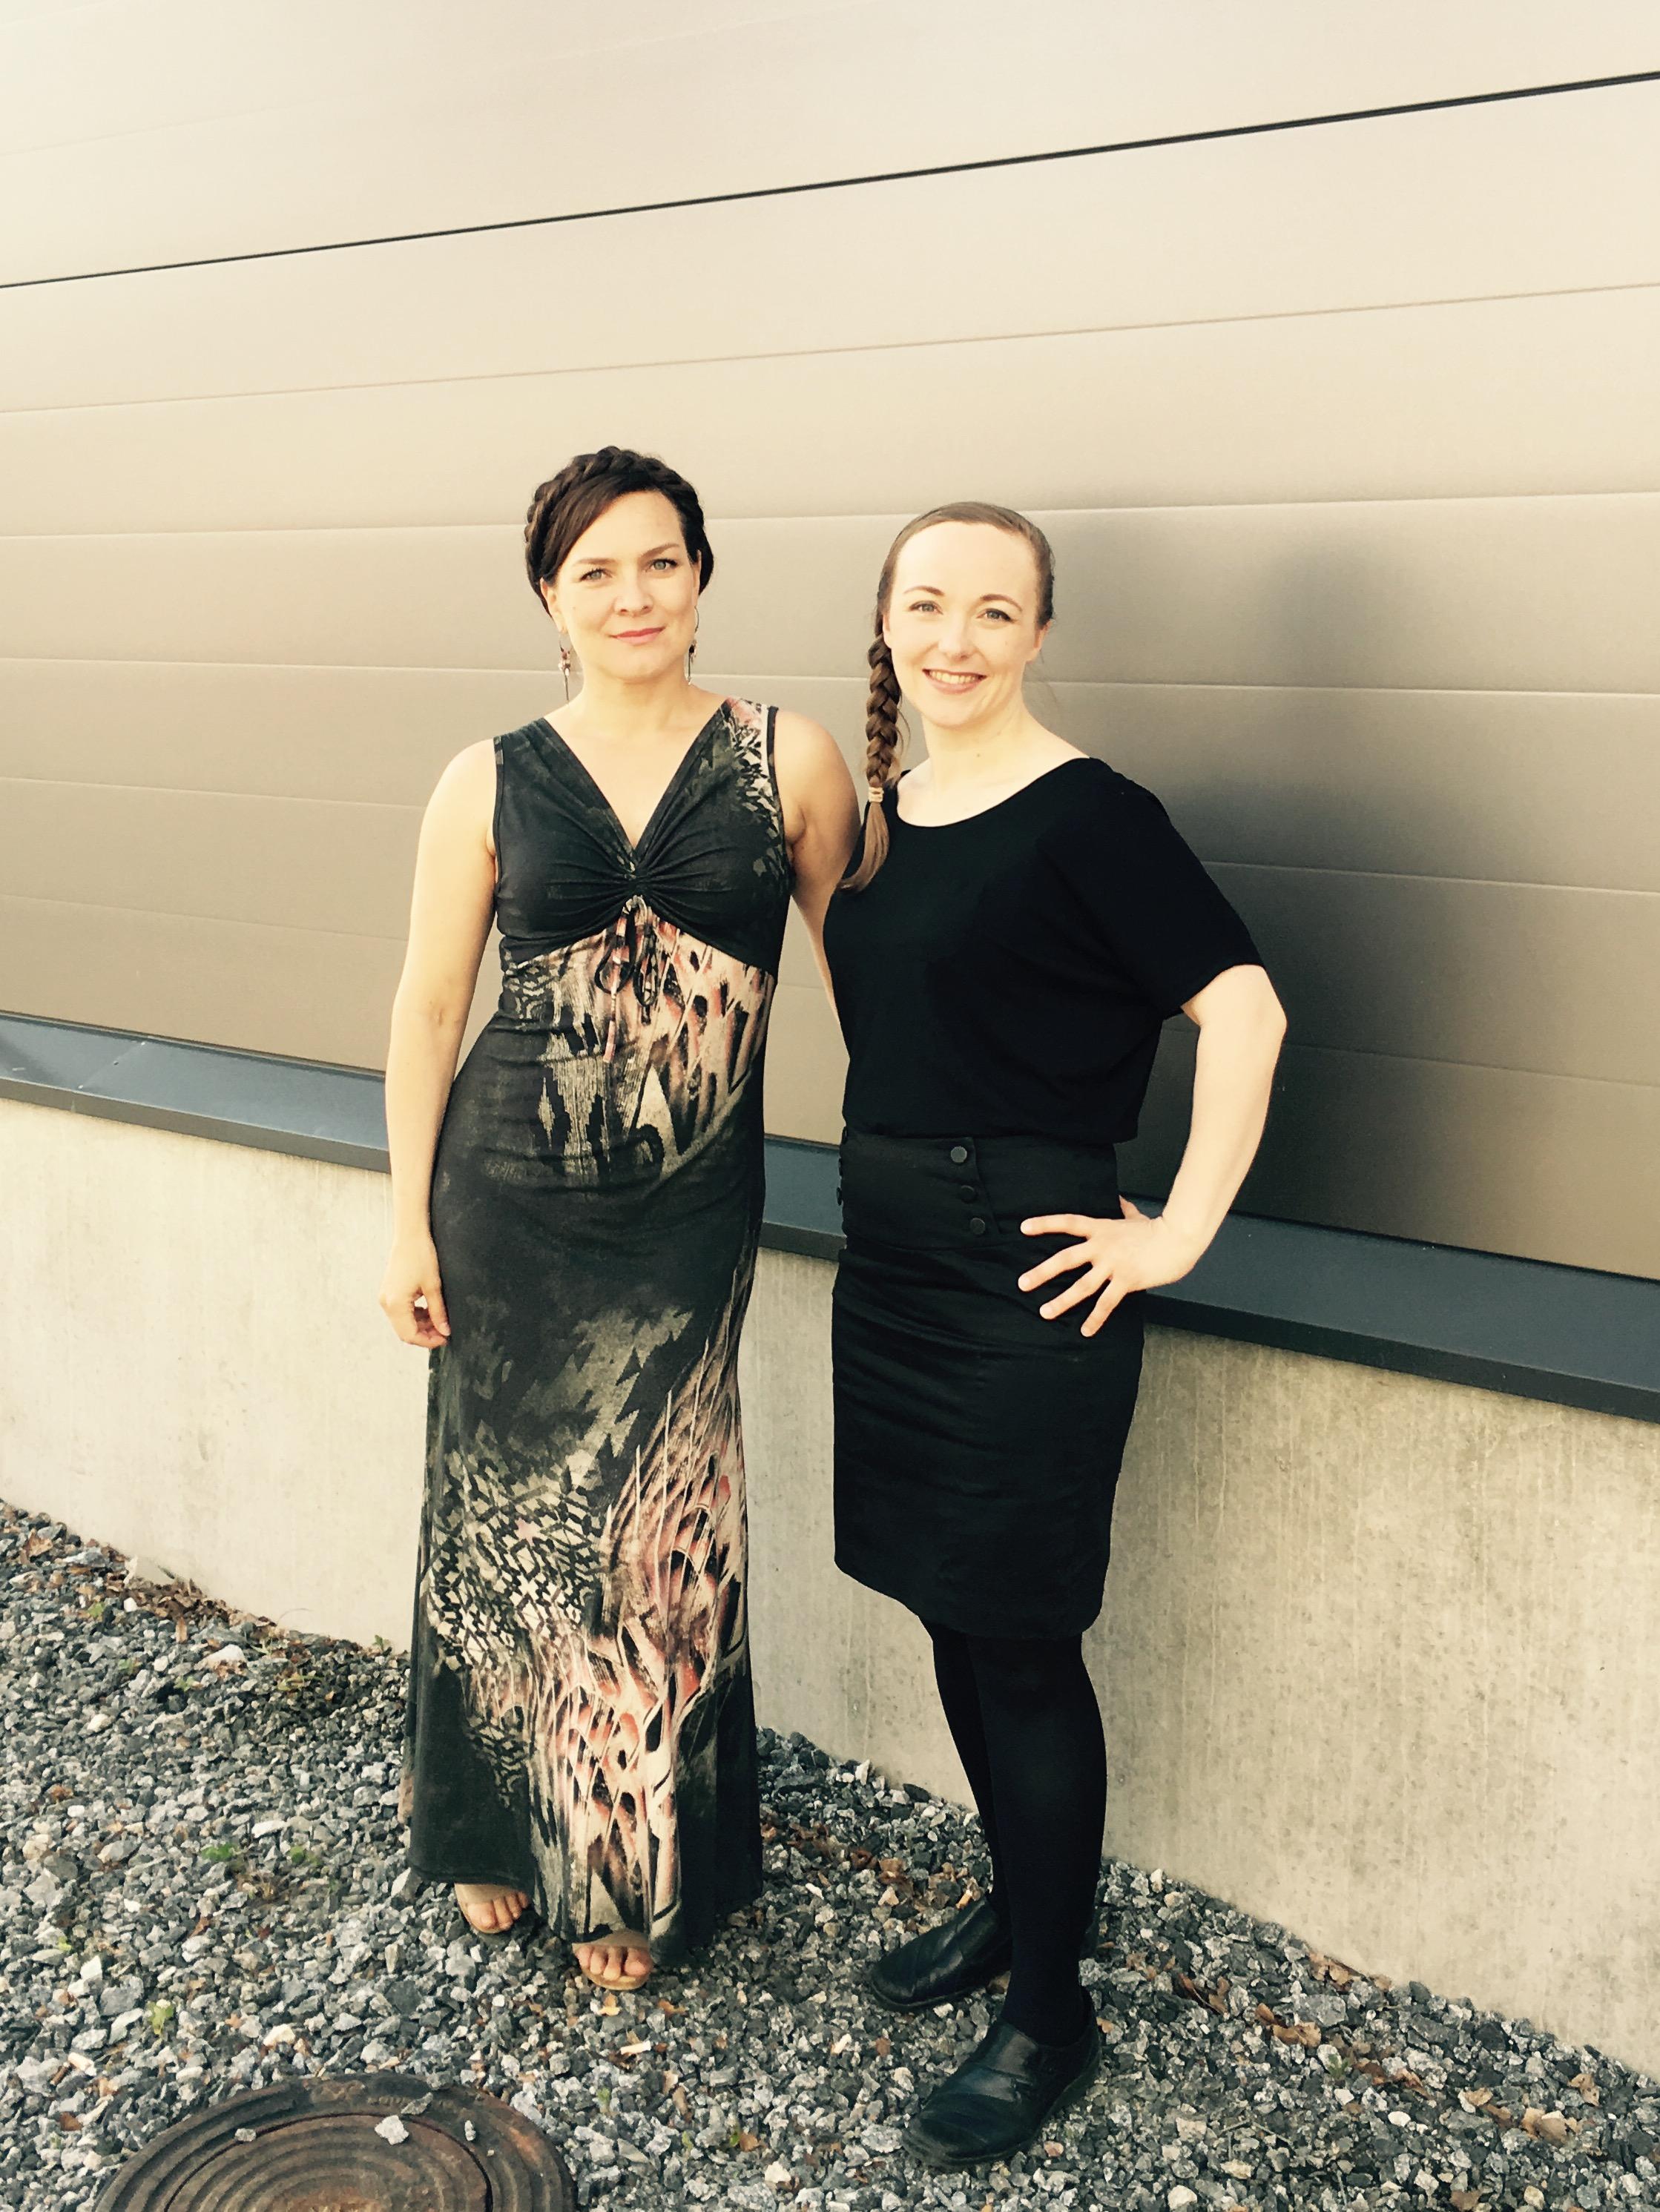 Kitusuon Sofia -oopperan sisarukset Sofia Ulla Paakkunainen ja Miina (Maria Svan)